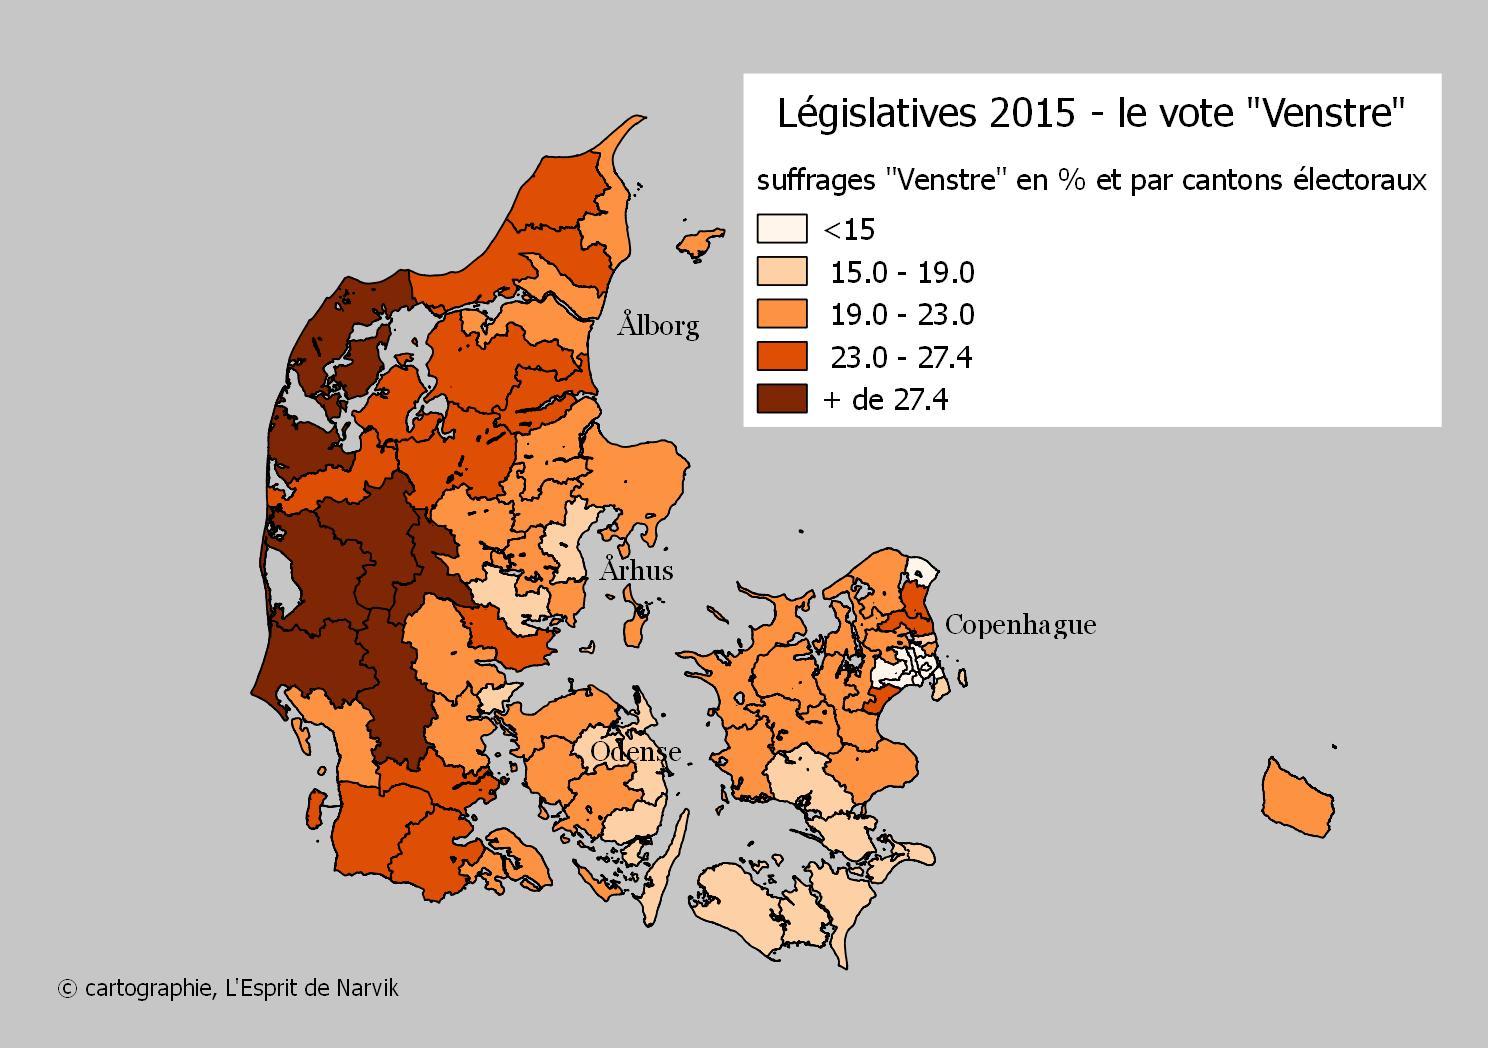 Quoiqu'encore bien implanté, le Venstre a subi une défaite relative en 2015.